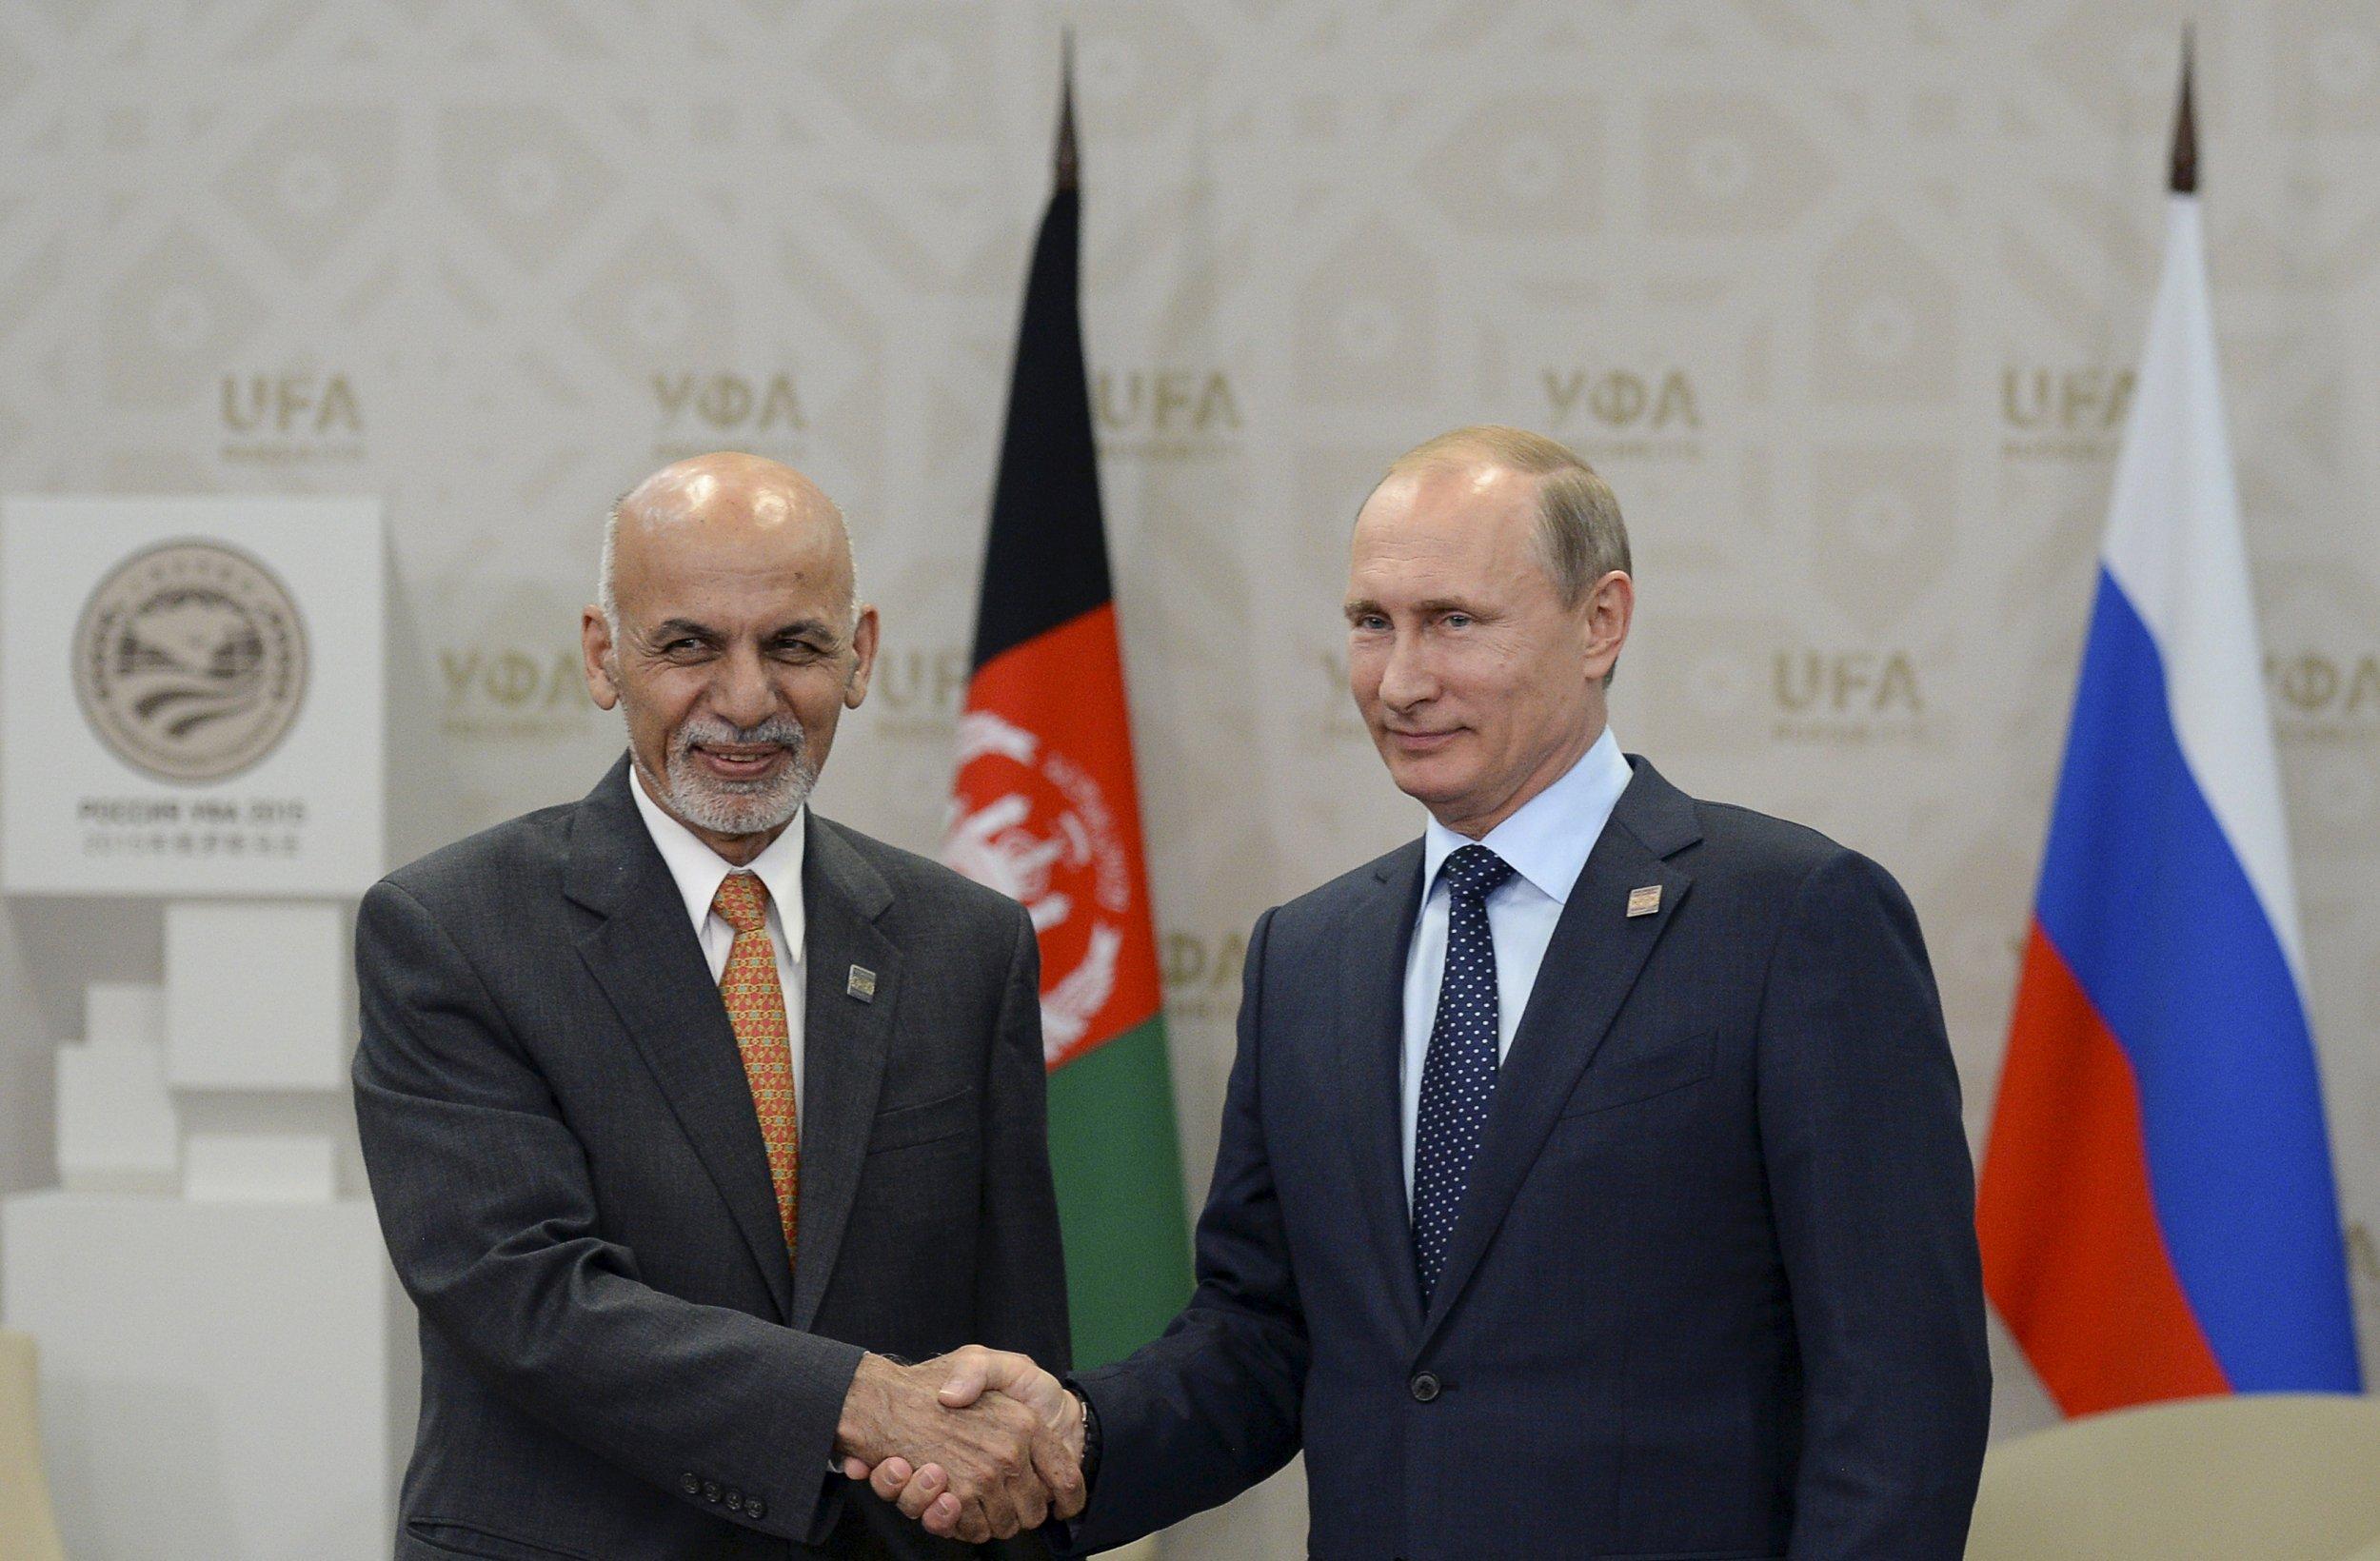 Ashraf Ghani and Vladimir Putin